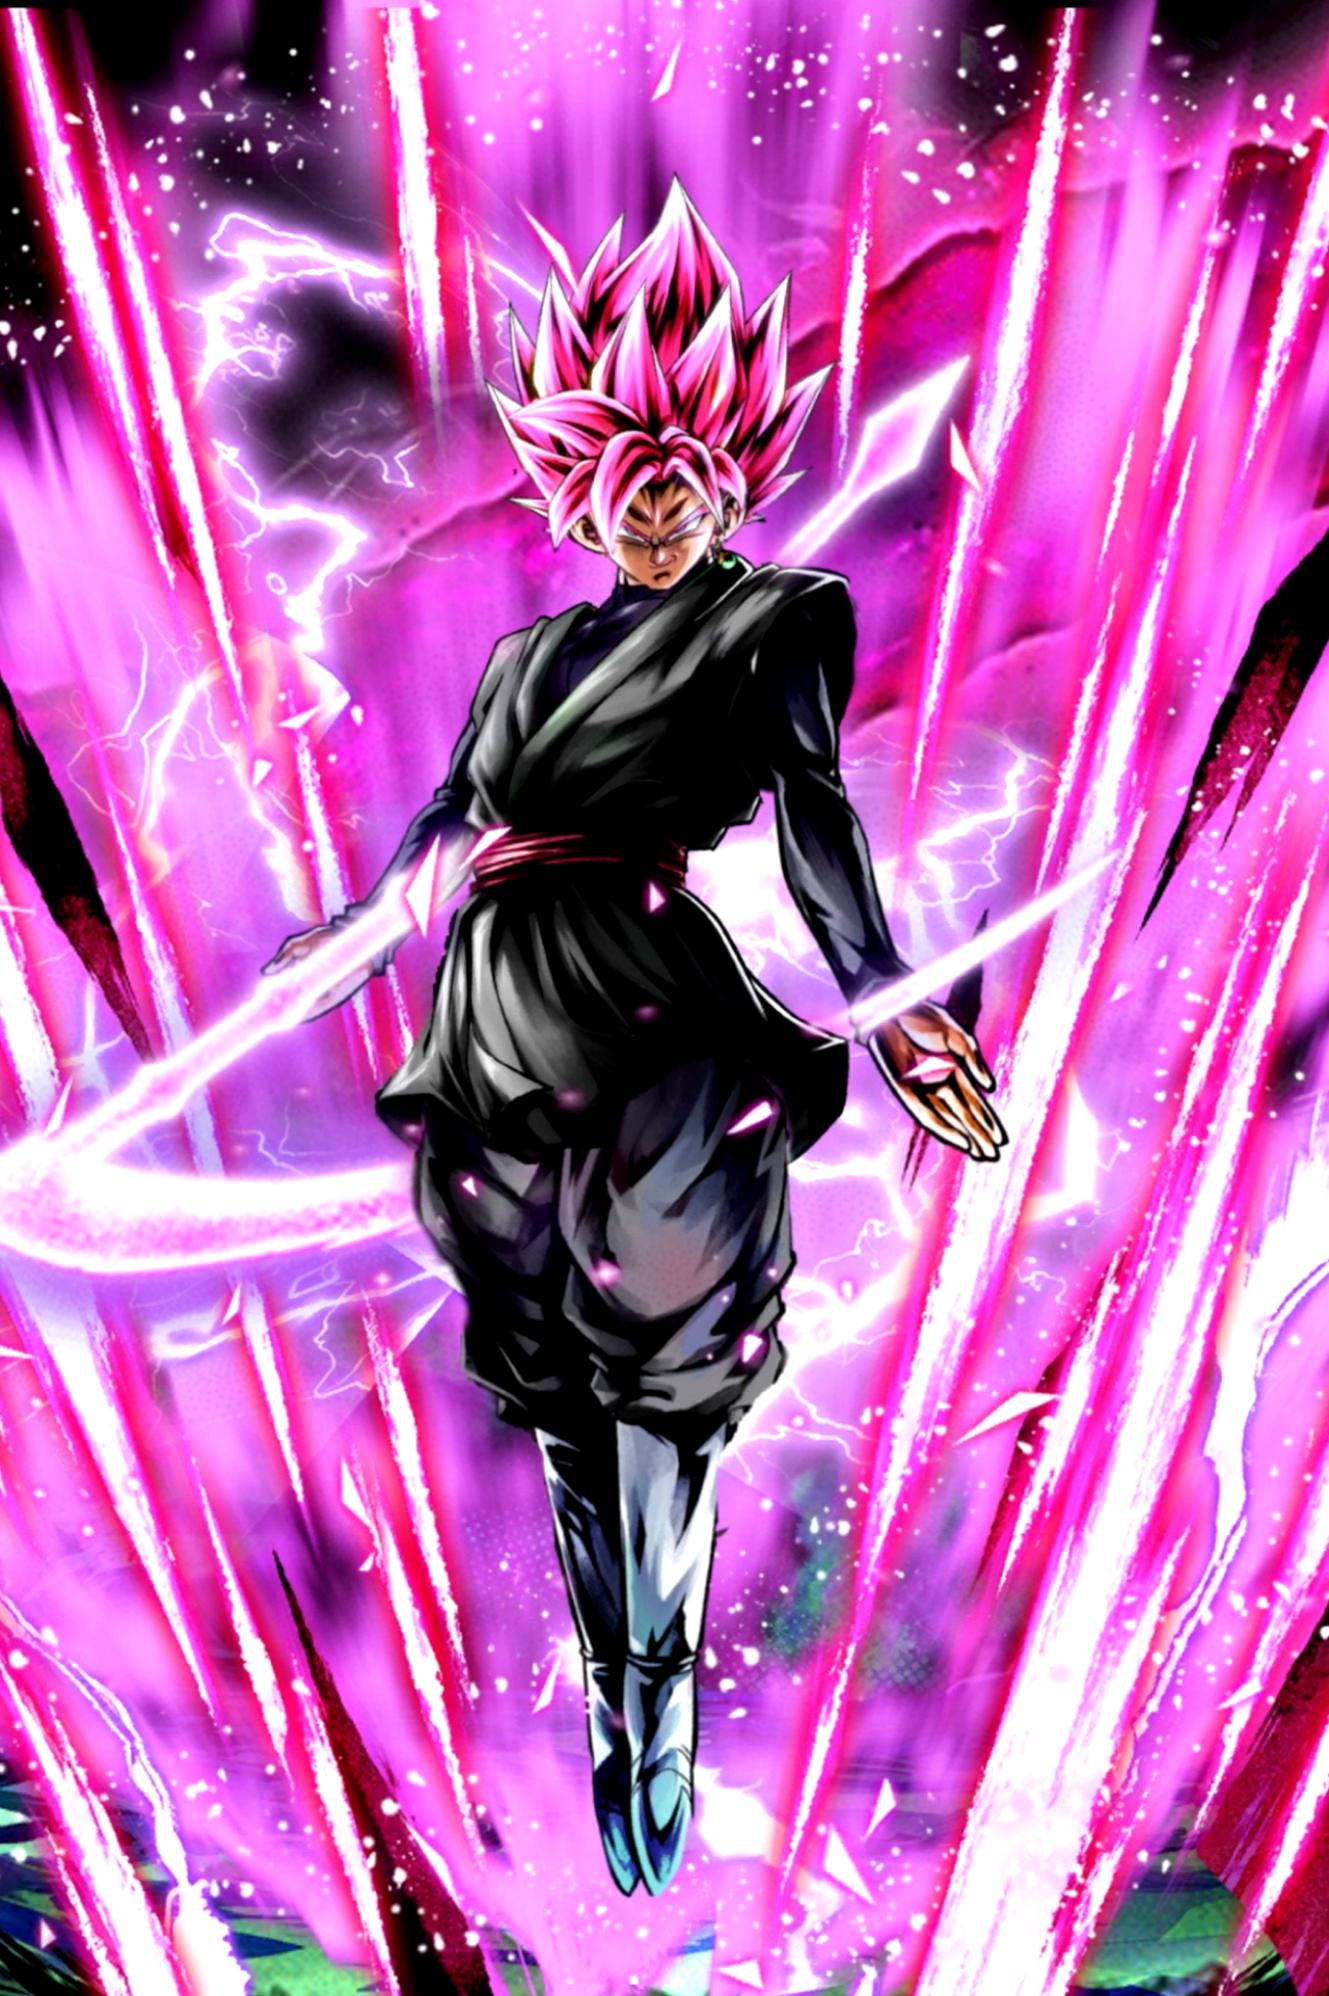 Goku Black Rose Anime Dragon Ball Super Dragon Ball Super Artwork Anime Dragon Ball Goku